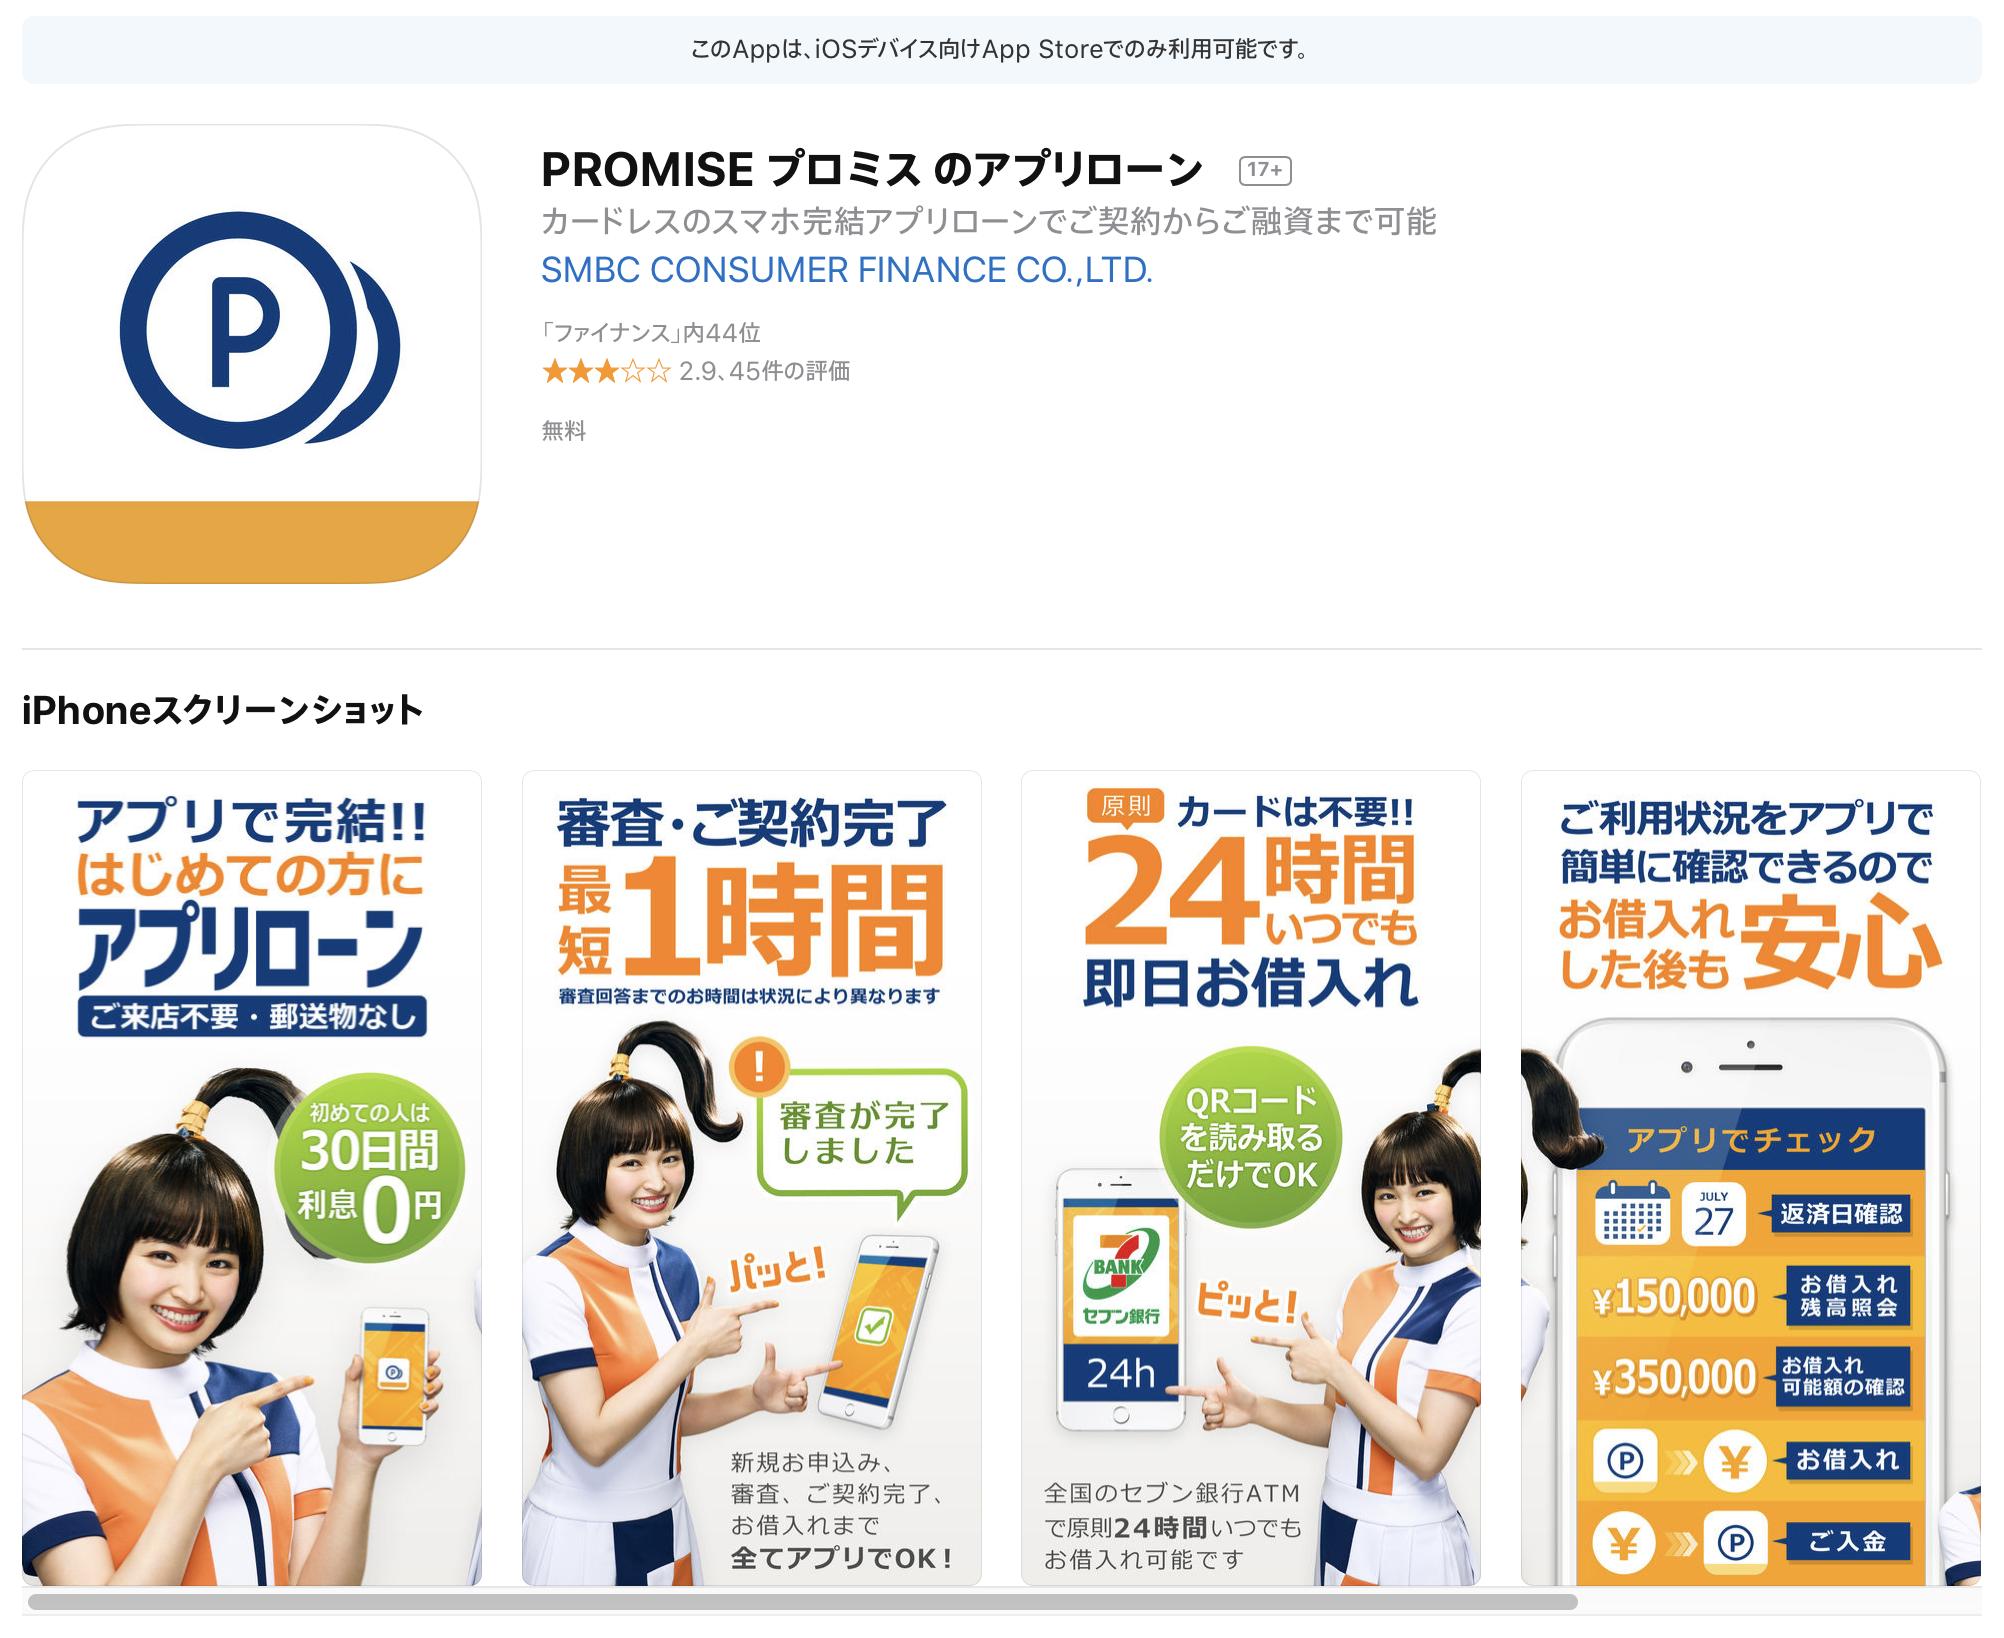 下はiPhoneのプロミスアプリを紹介した画面です。